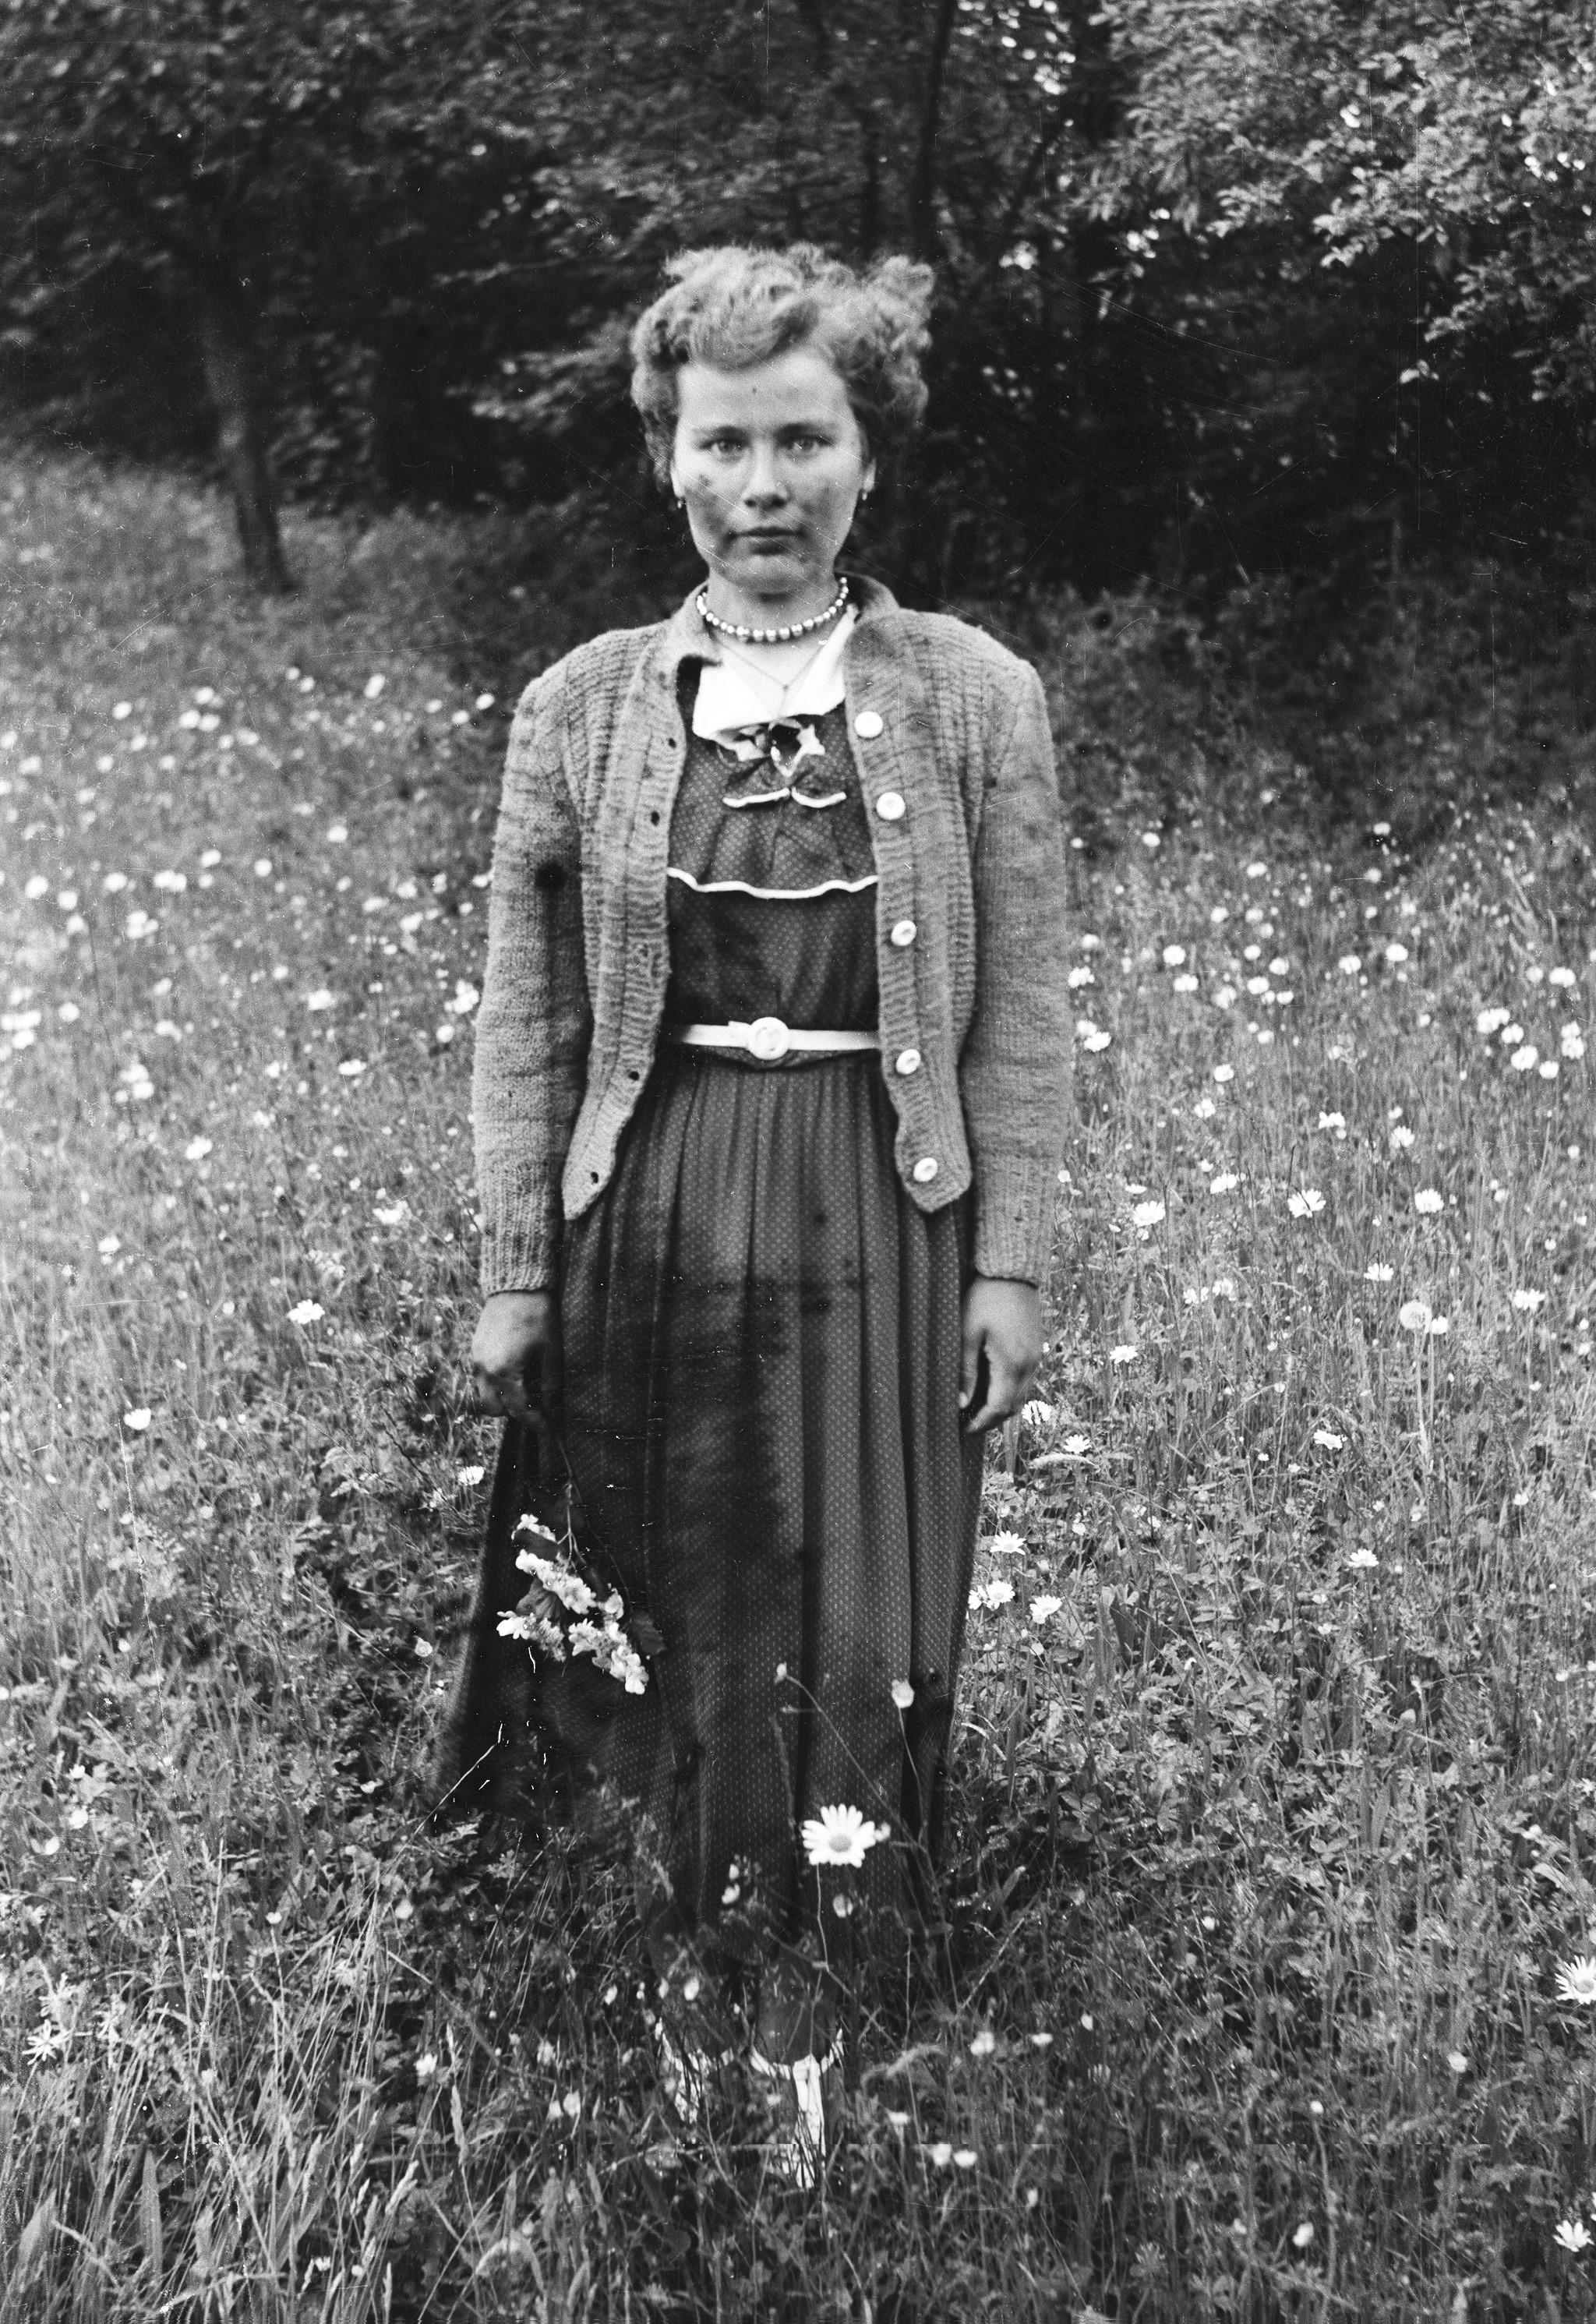 Hela Niemiec, Trzcinica Wołowska, Dolny Śląsk, lata 50. XX w.